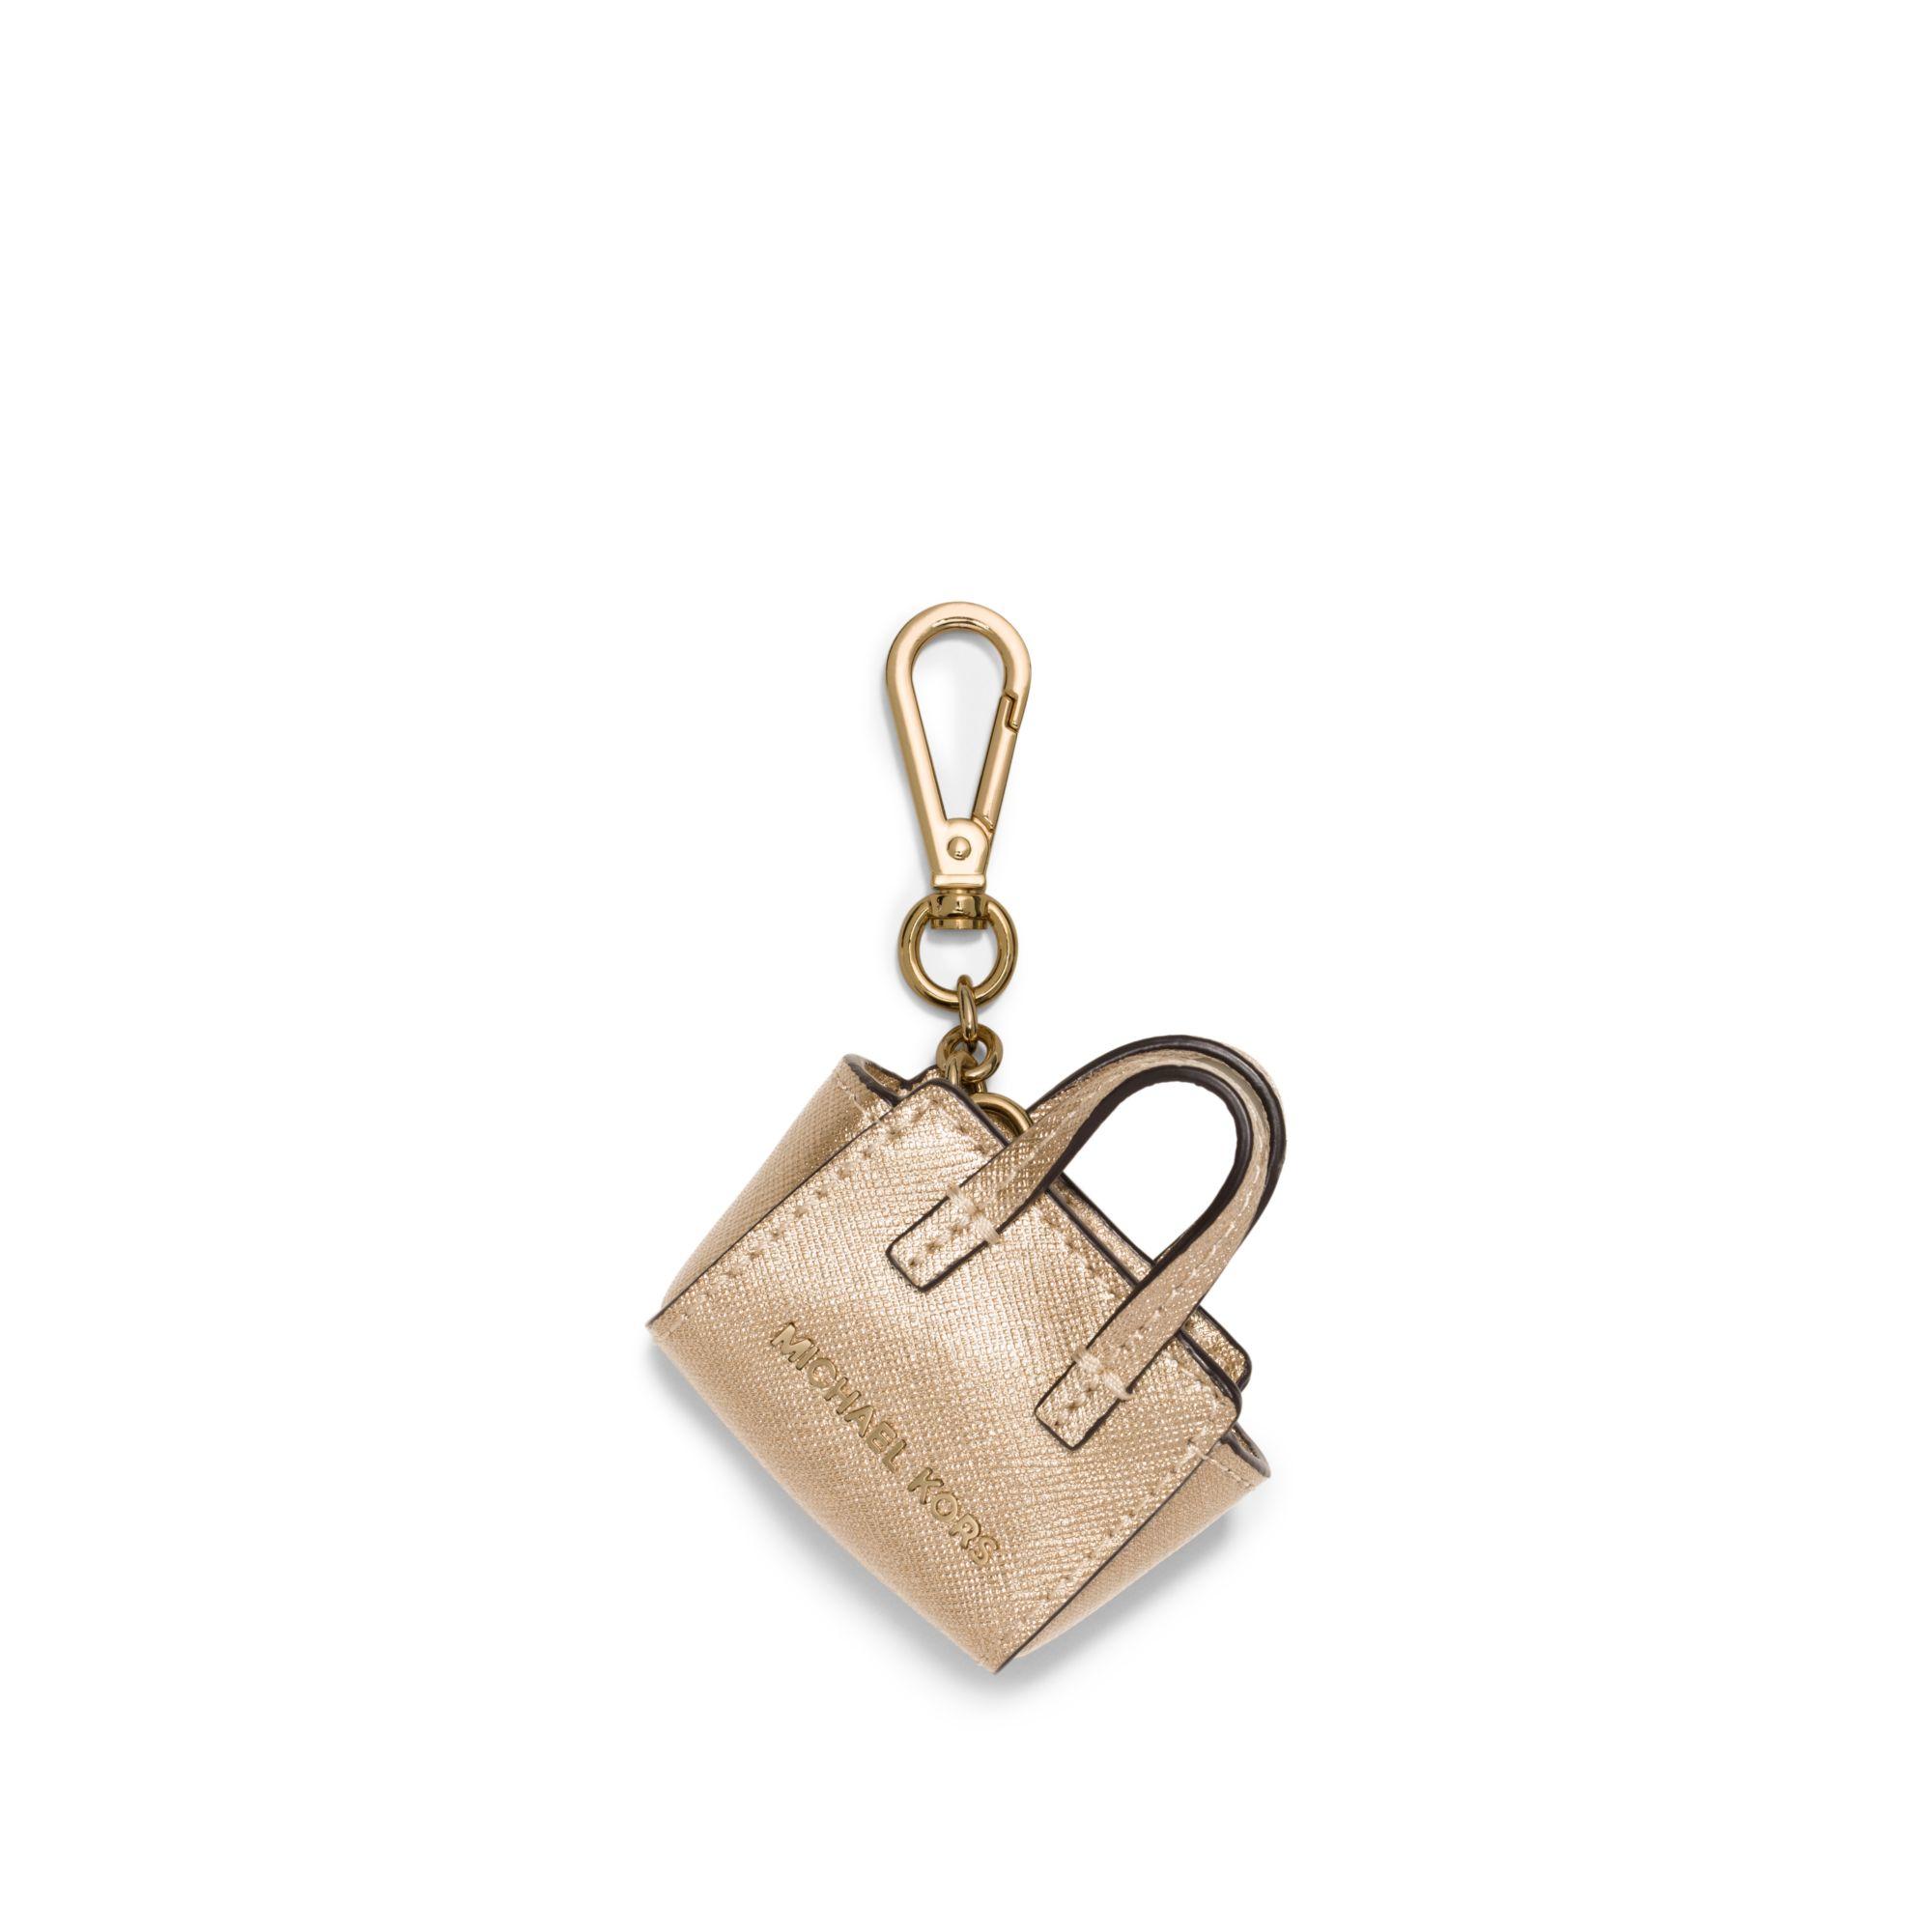 a774e95b3a174 Michael Kors Mini Purse Keychain Florence Leather Satchel Marwood